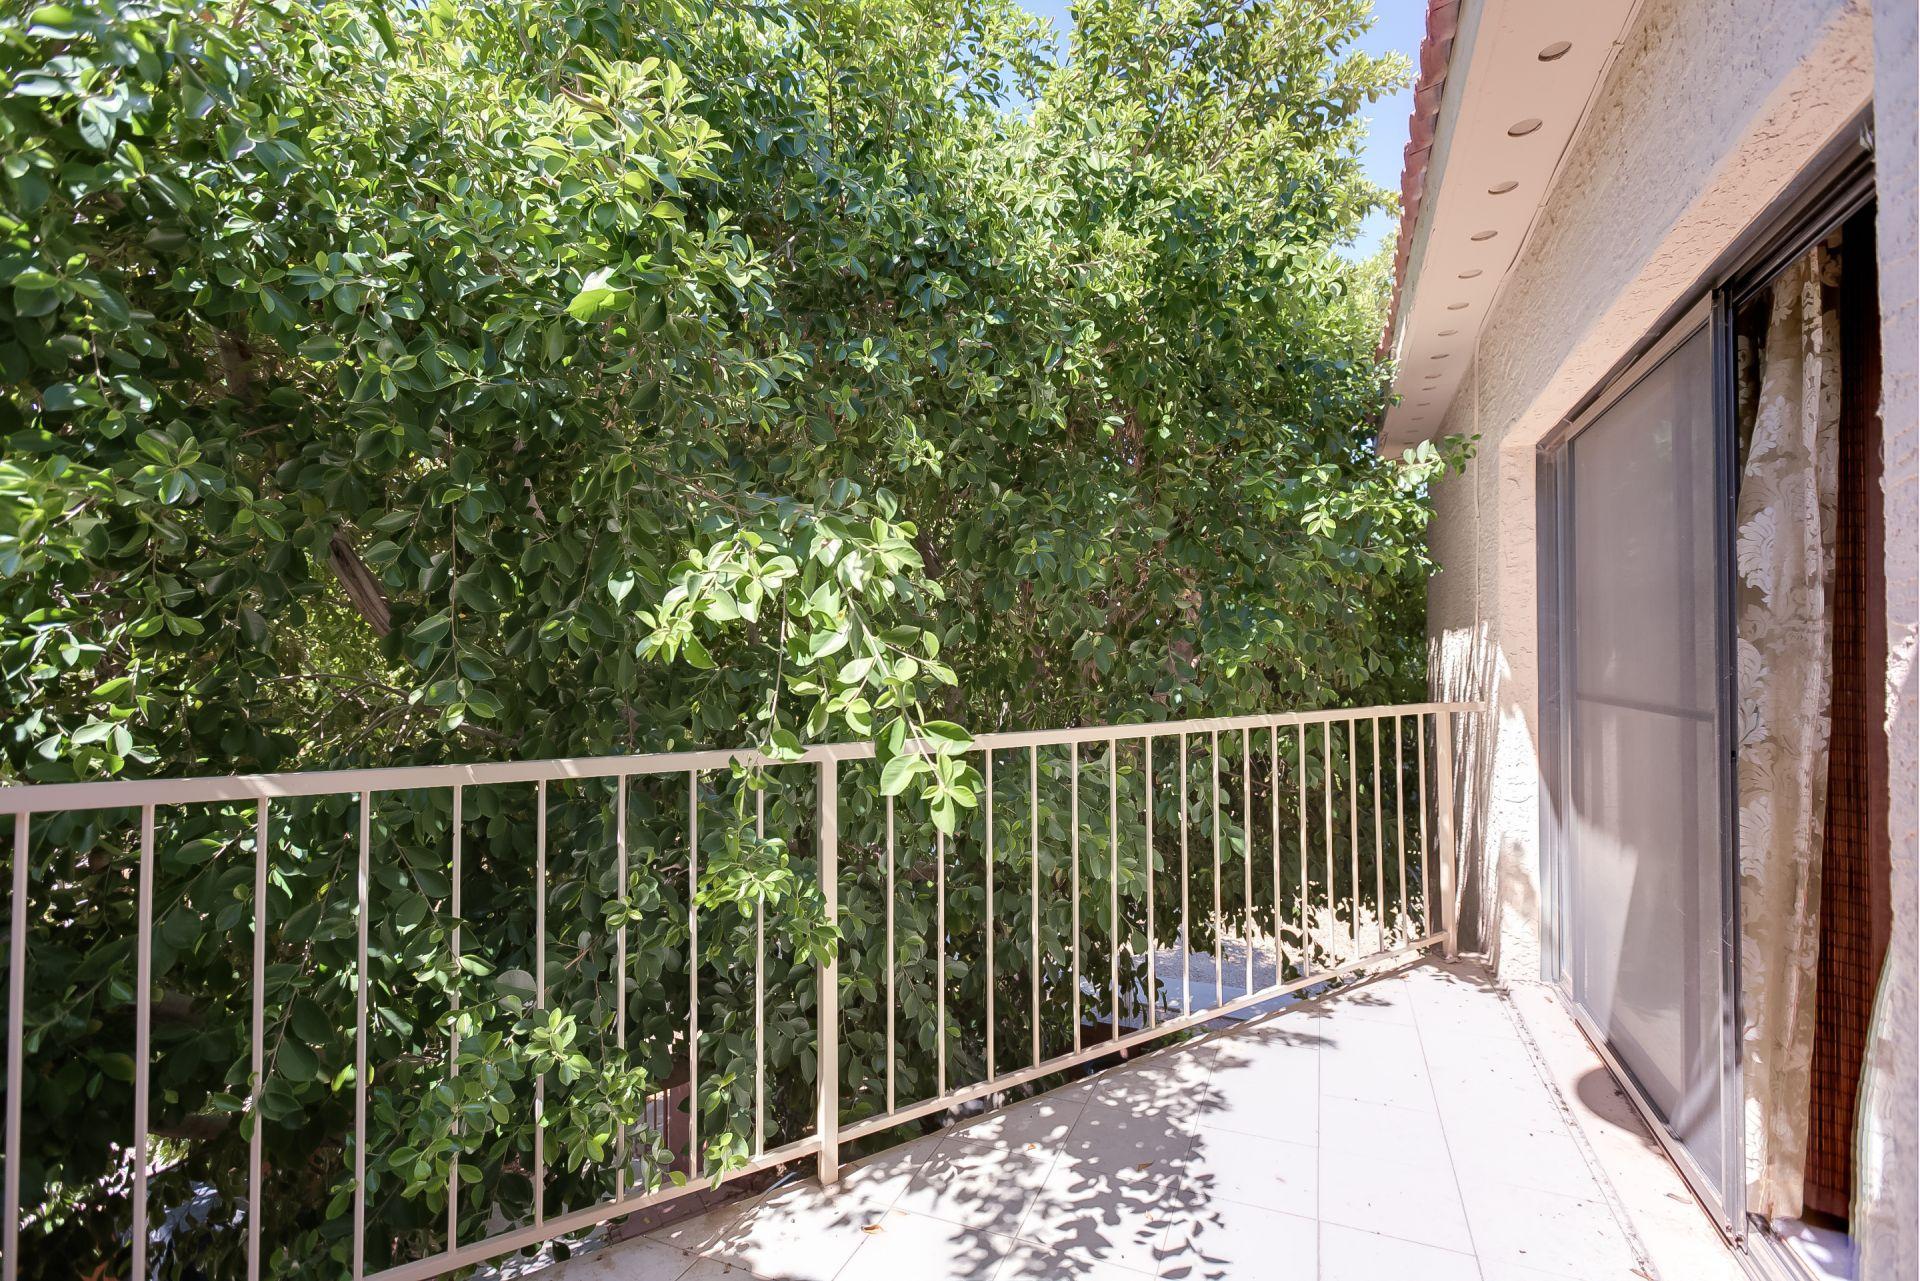 15650 N 19TH AVE 1200, Phoenix, AZ 85023